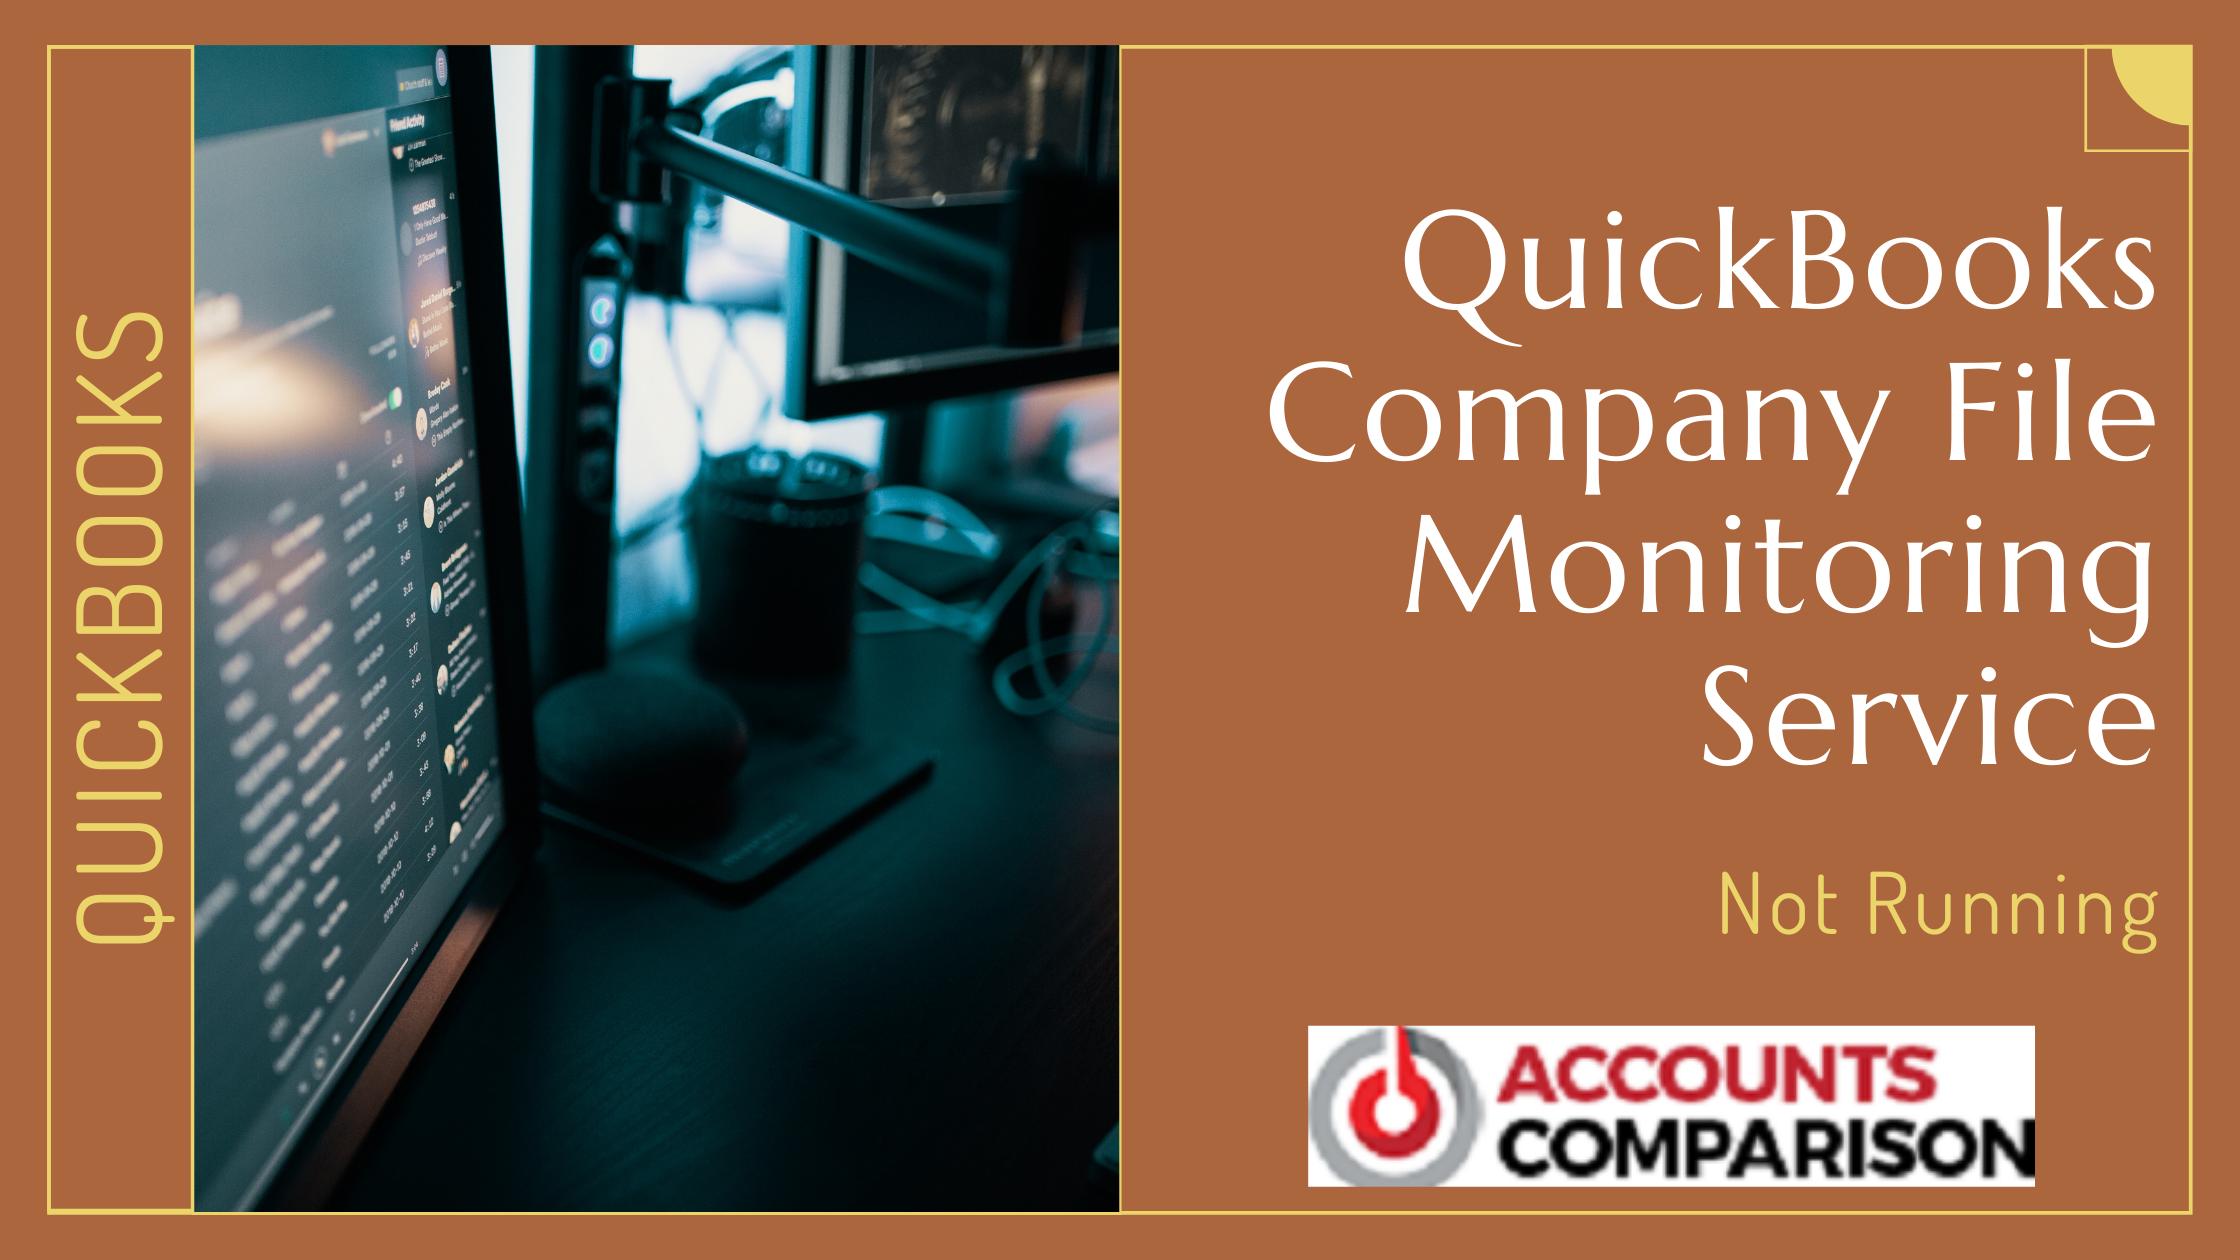 QuickBooks-Company-File-Monitoring- service